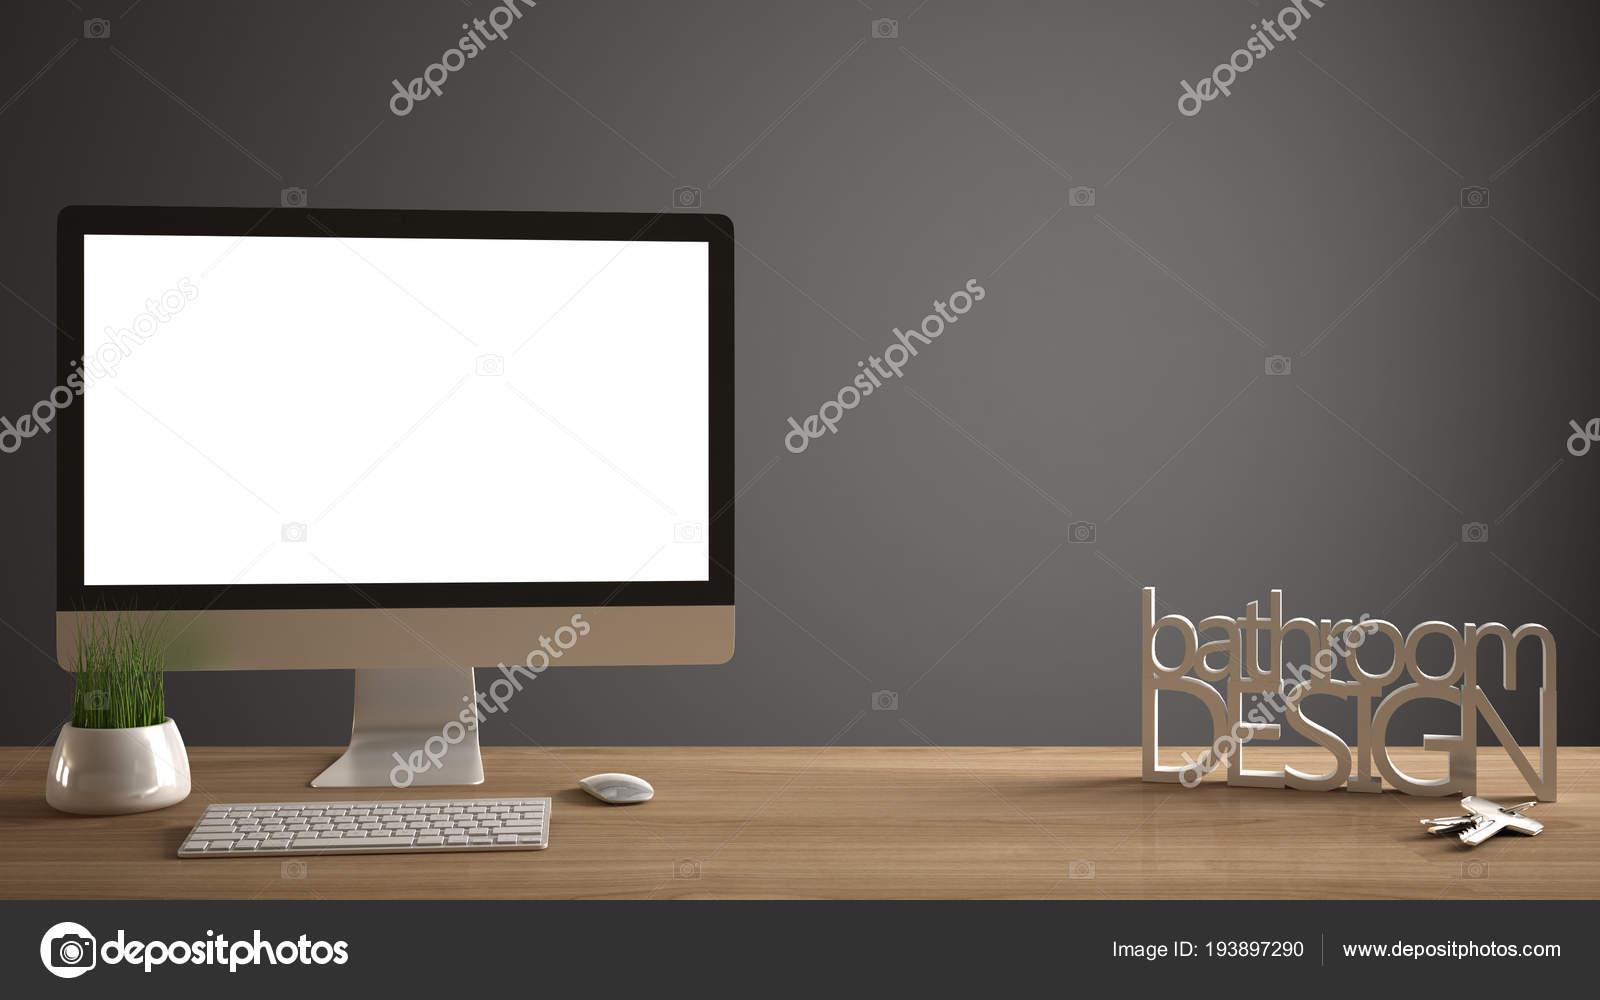 Mockup Desktop Template Computer Sulla Scrivania In Legno Con